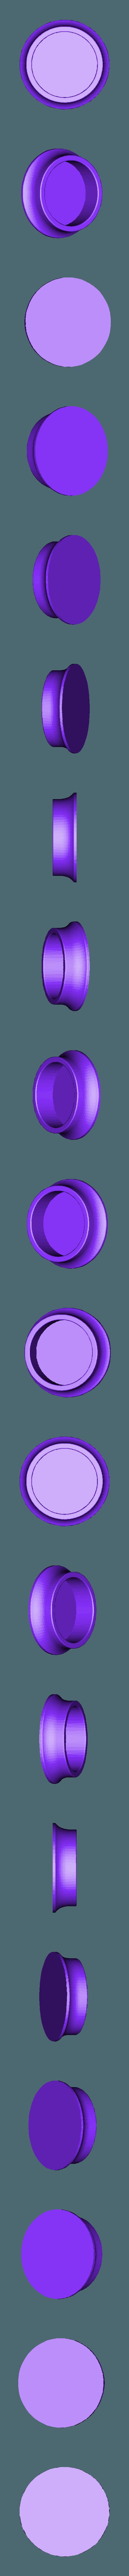 Botellin - Base.STL Télécharger fichier STL gratuit Pot à cactus • Plan pour imprimante 3D, SnakeCreations